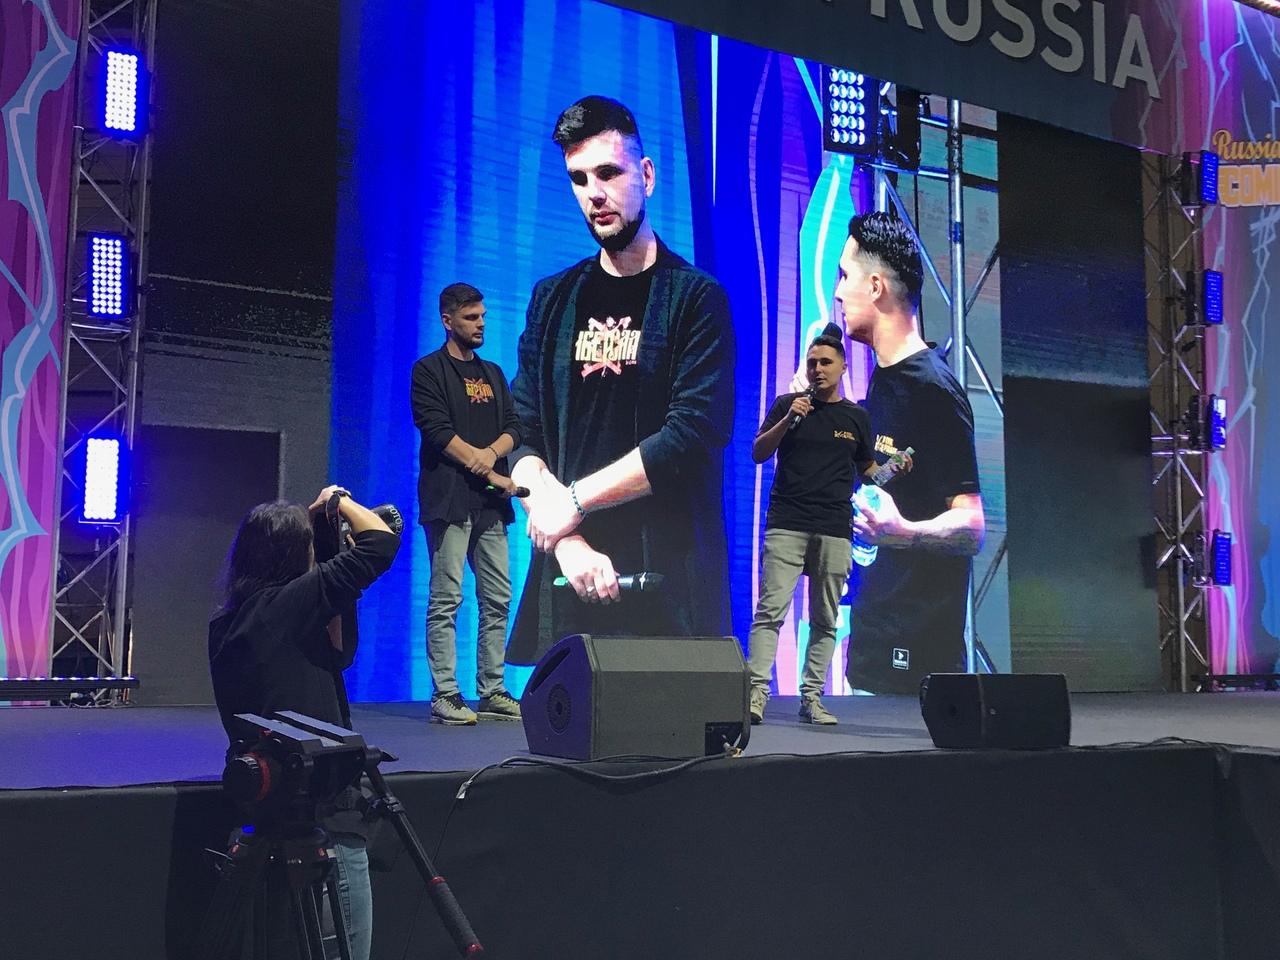 КИБЕРСЛАВ на Comic Con Russia 2018